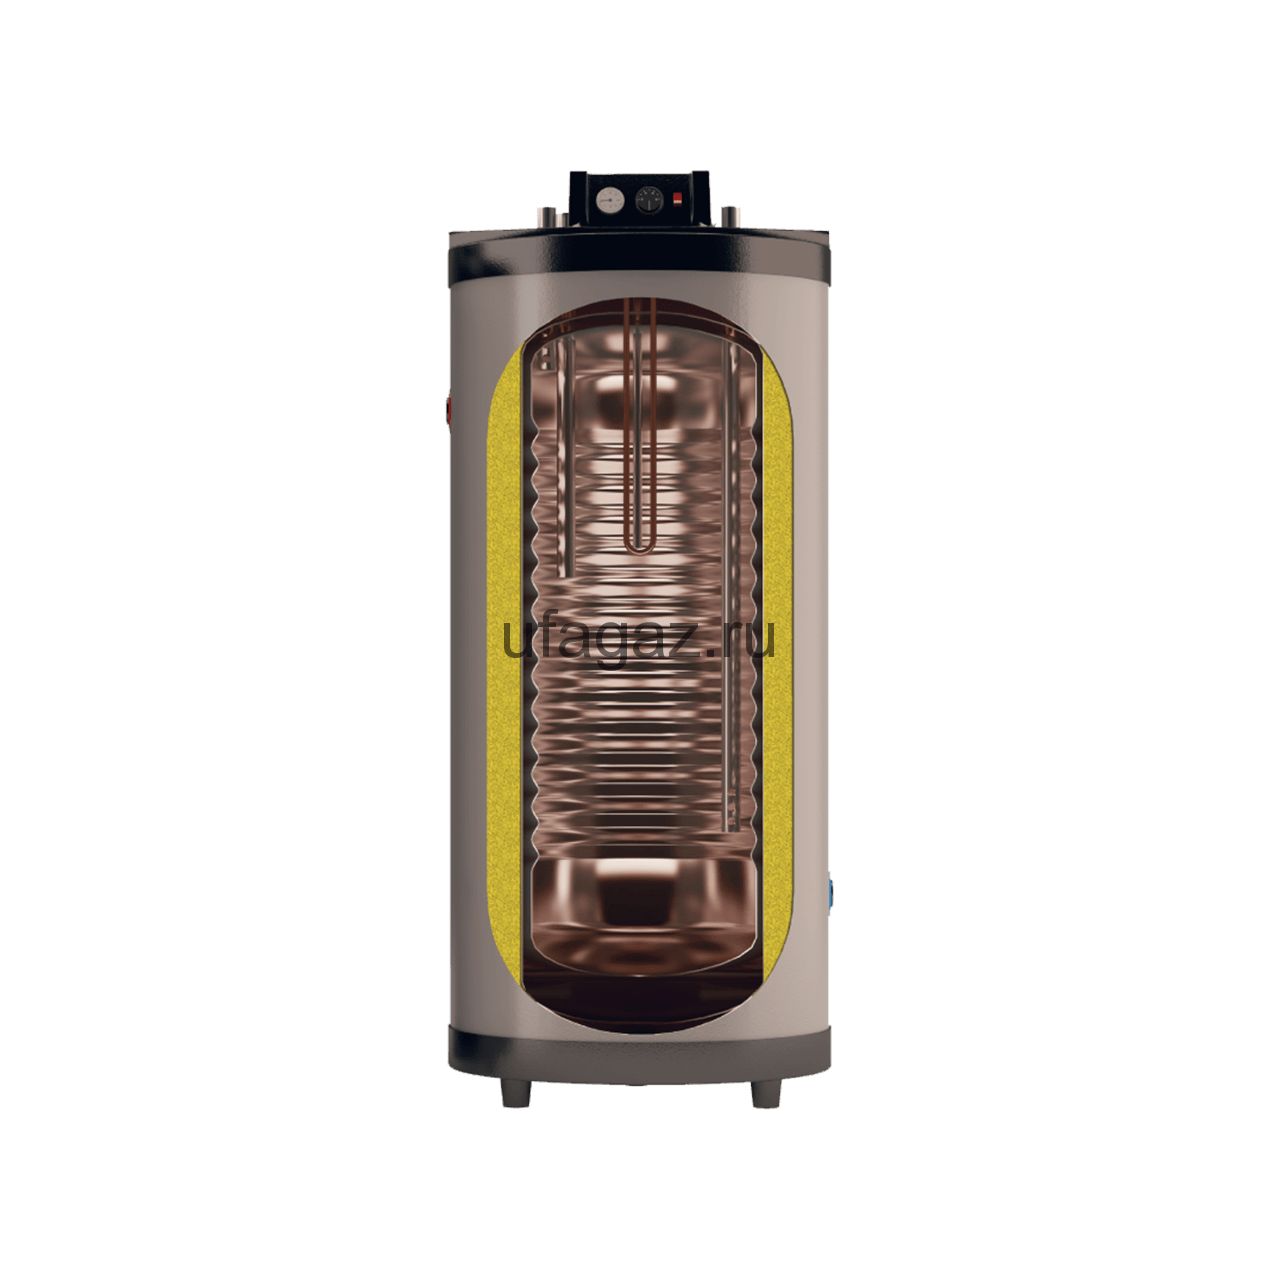 Водонагреватель косвенного нагрева со змеевиком WHZ 100, тип 2